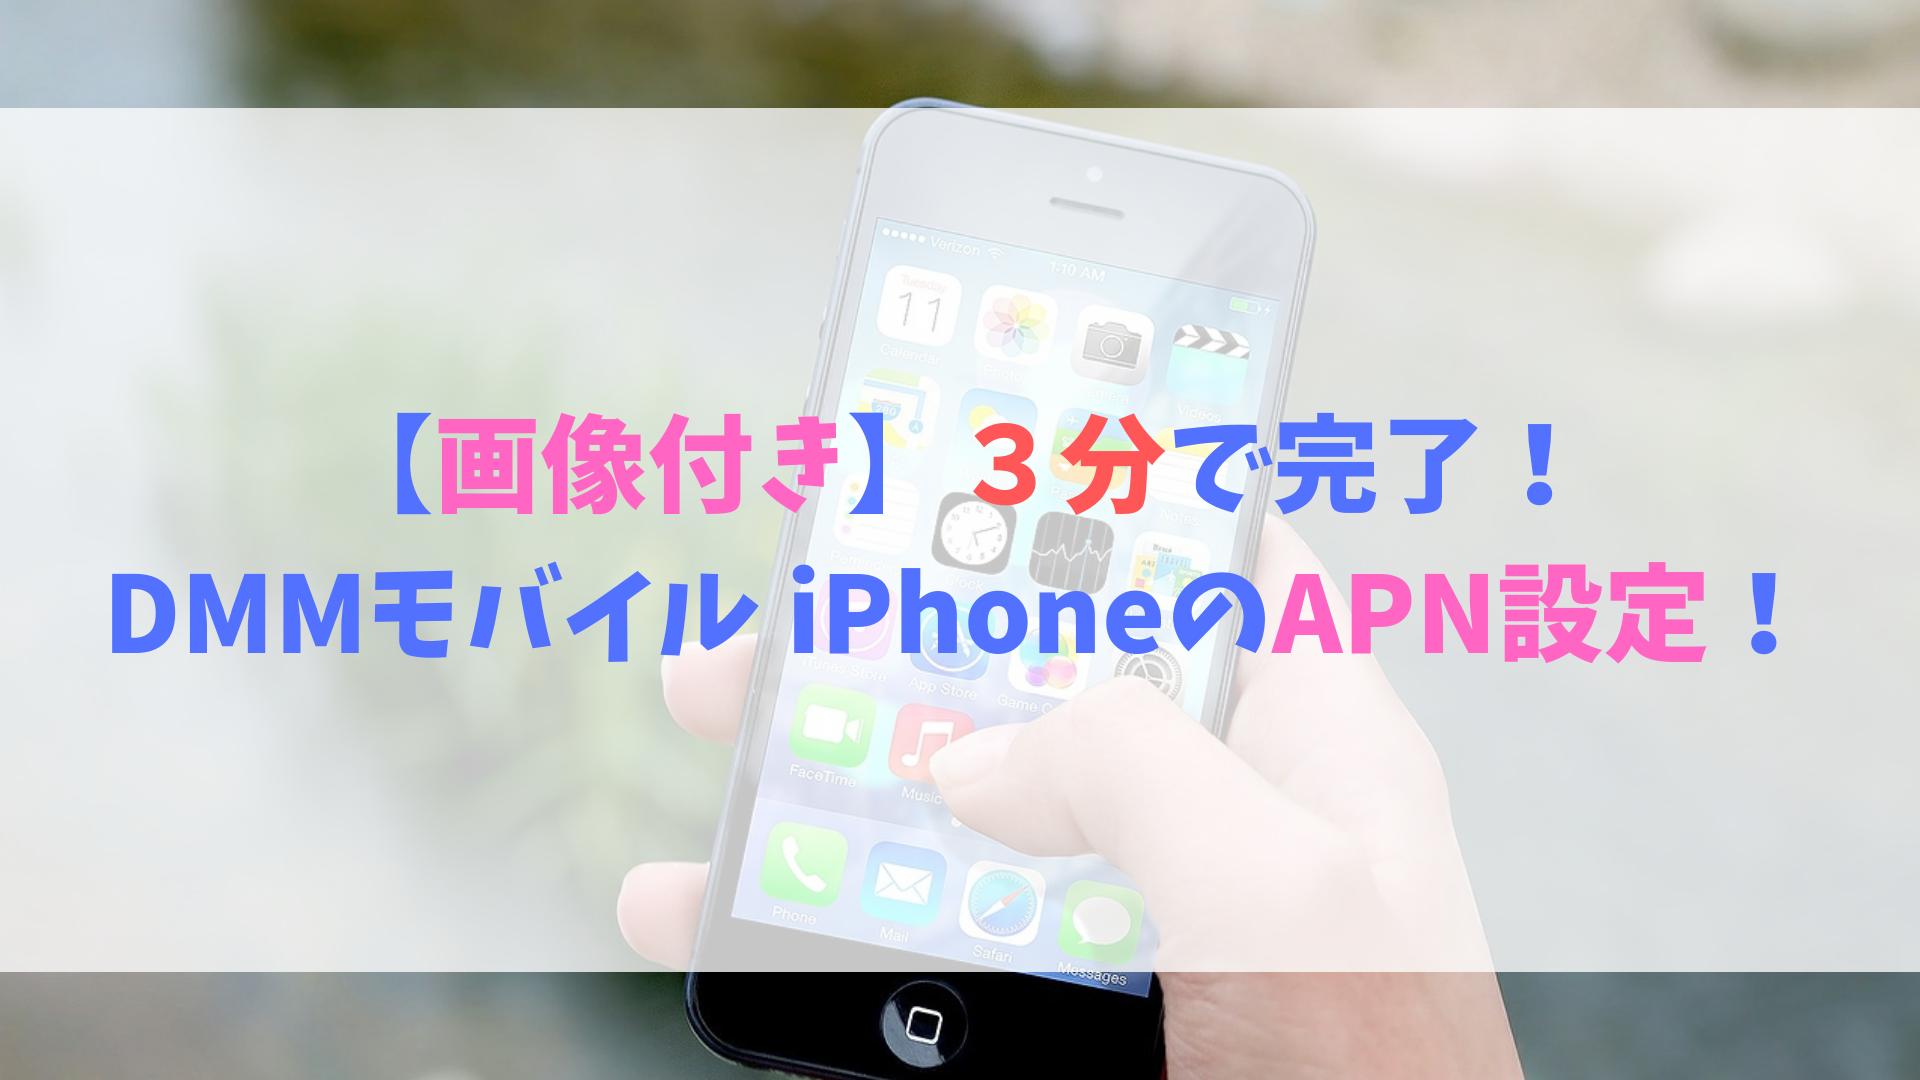 【画像付き】 3分で完了! DMMモバイル iPhoneのAPN設定!-3